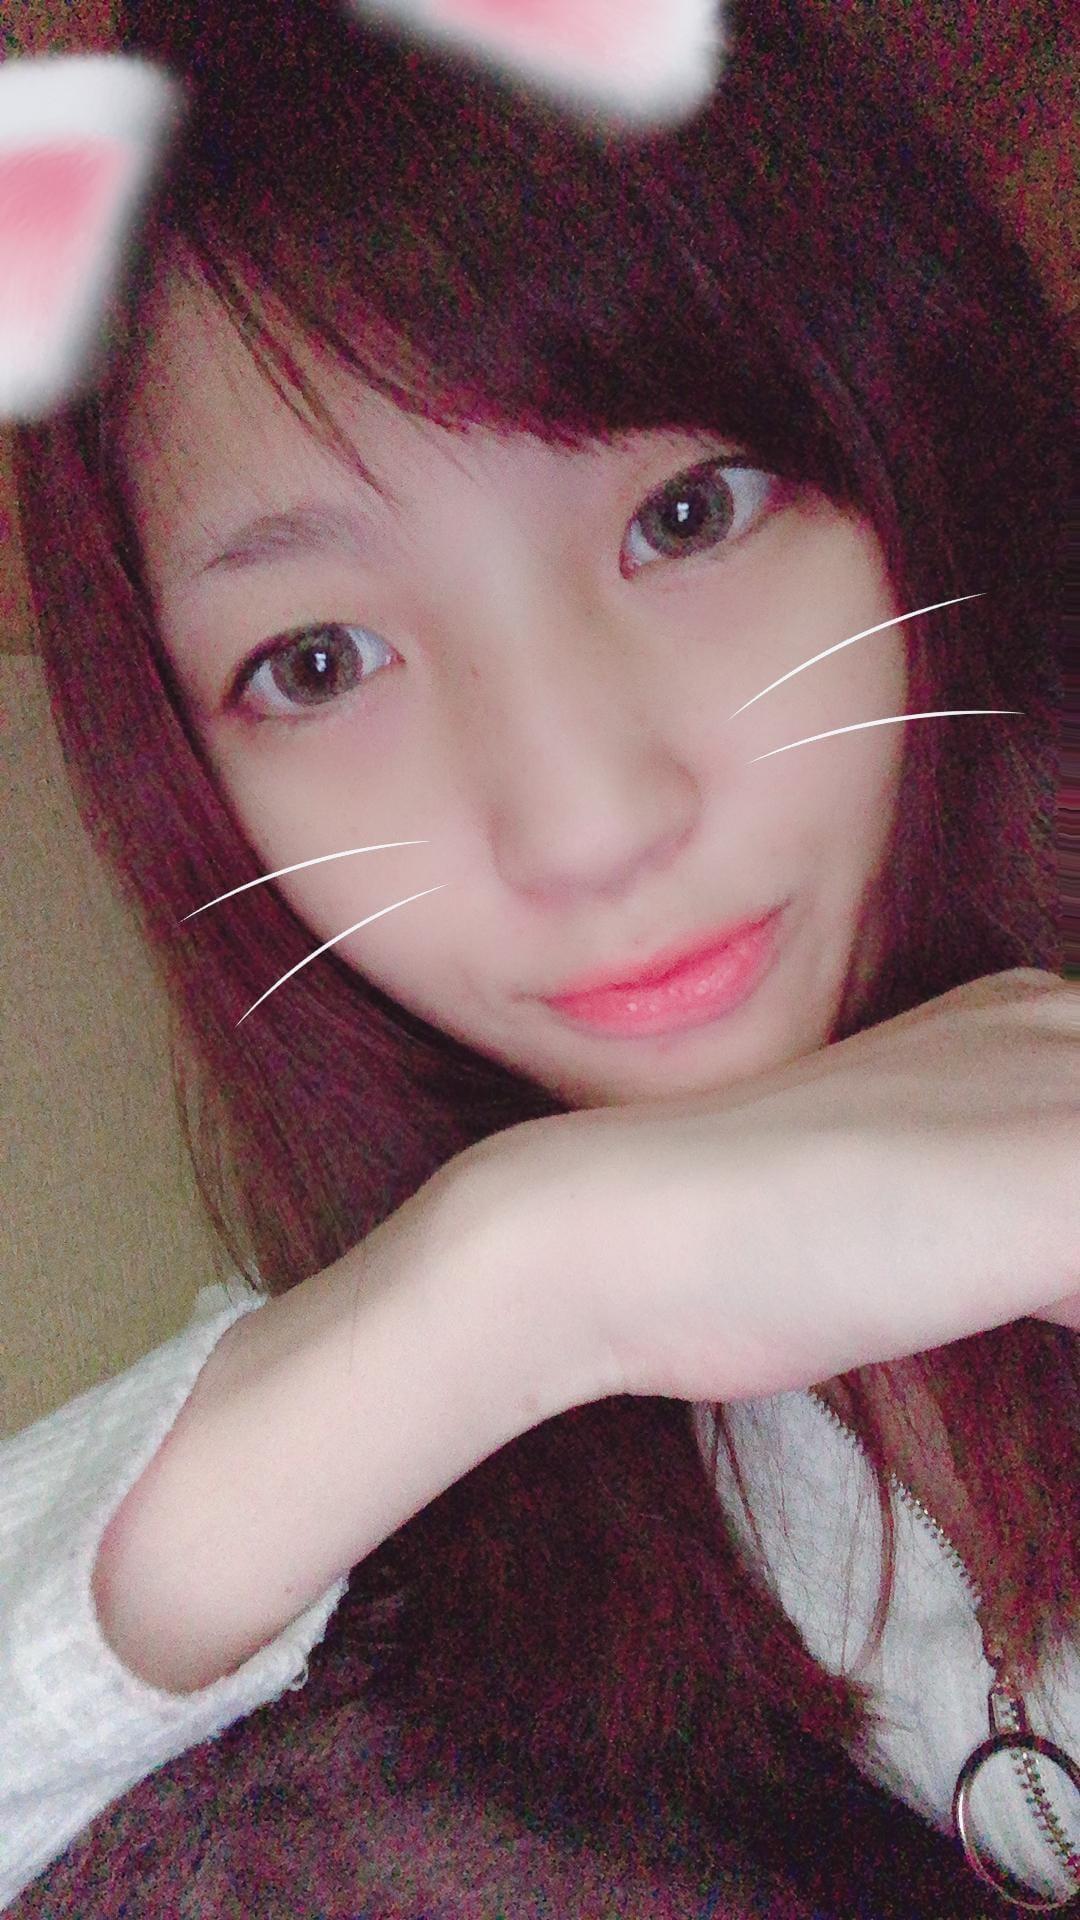 西野りこ(Mrs)「出勤しましたぁ?」12/14(金) 18:18 | 西野りこ(Mrs)の写メ・風俗動画